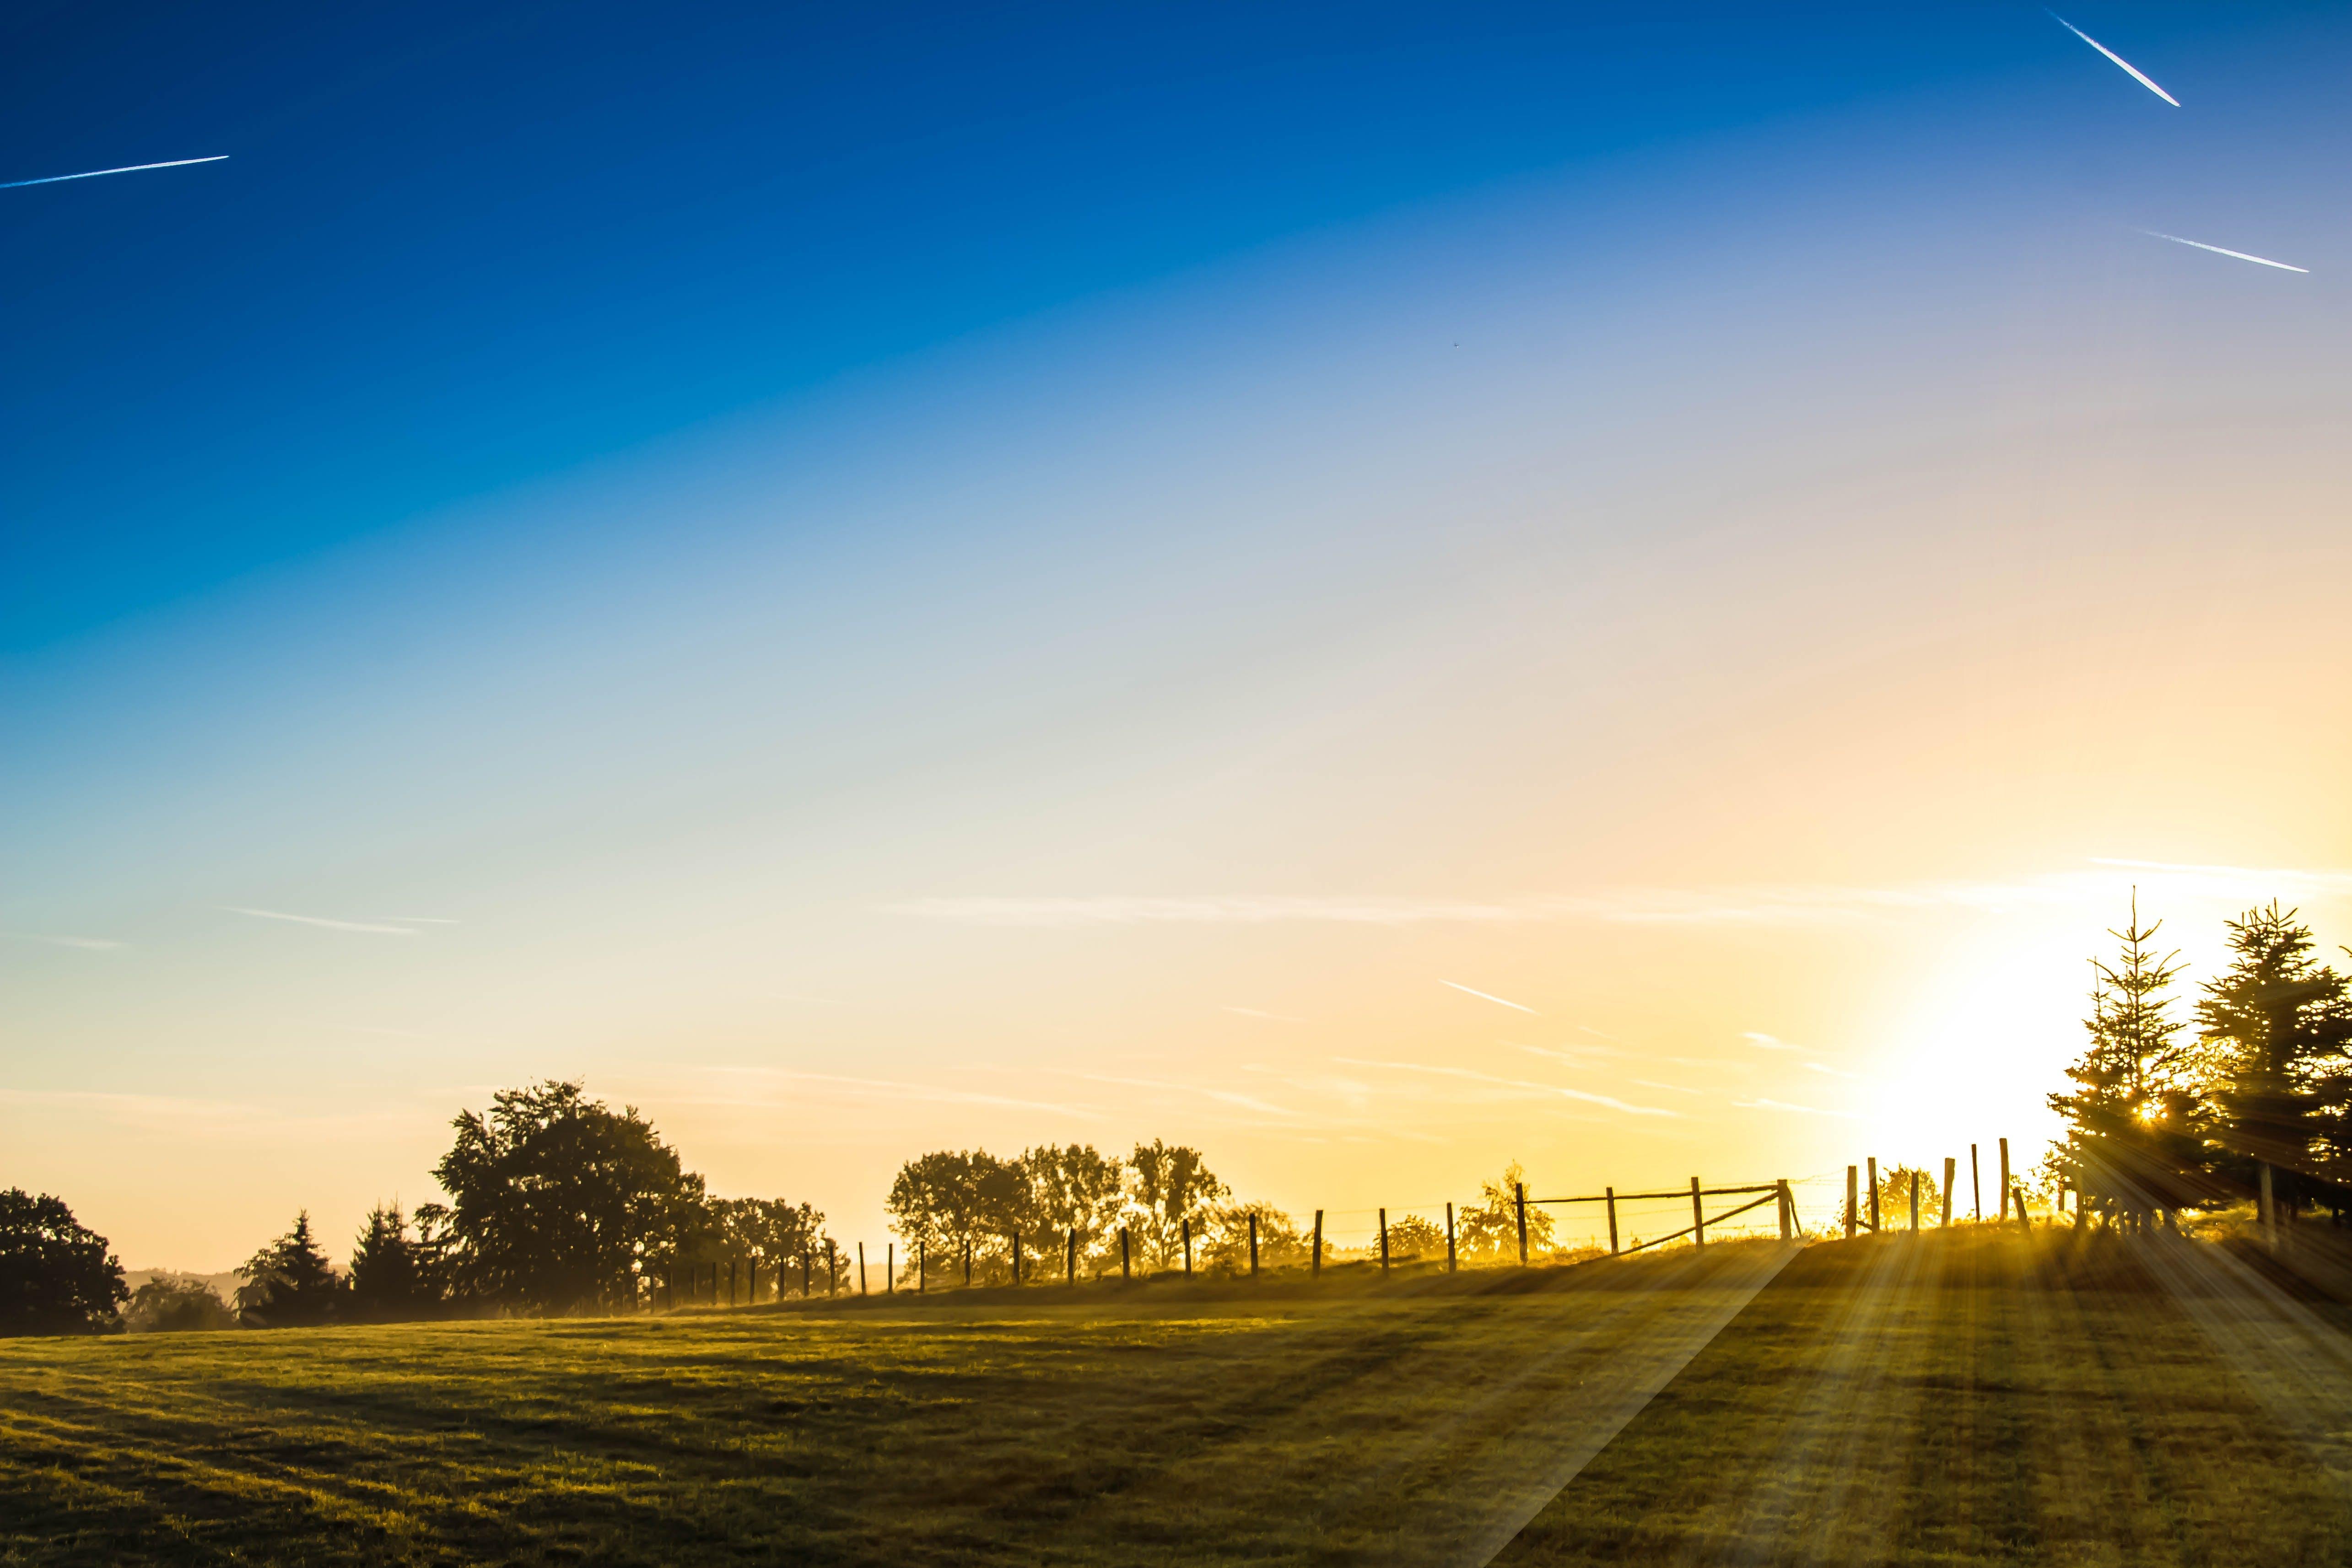 dawn, dusk, fence